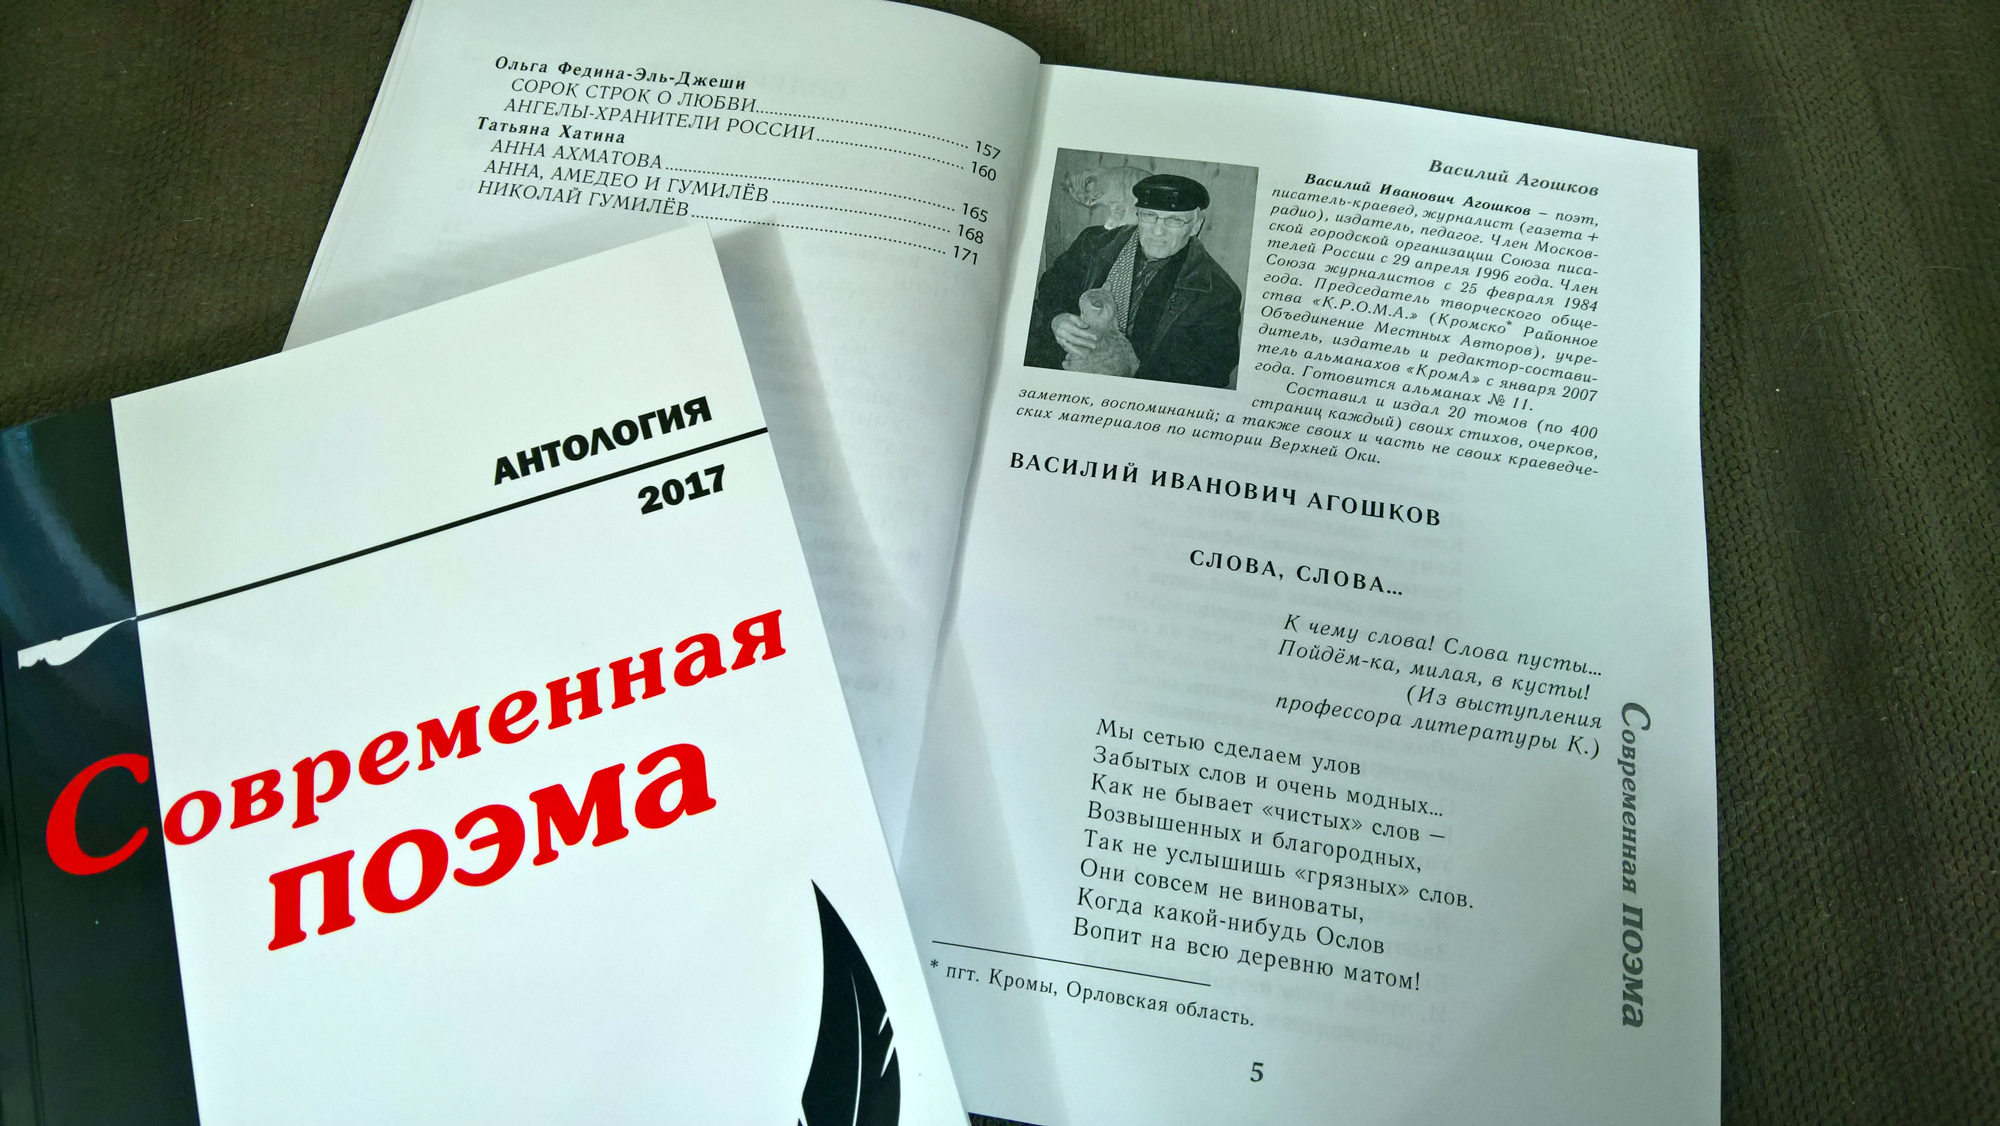 Современная поэма. Антология. 2017 г.